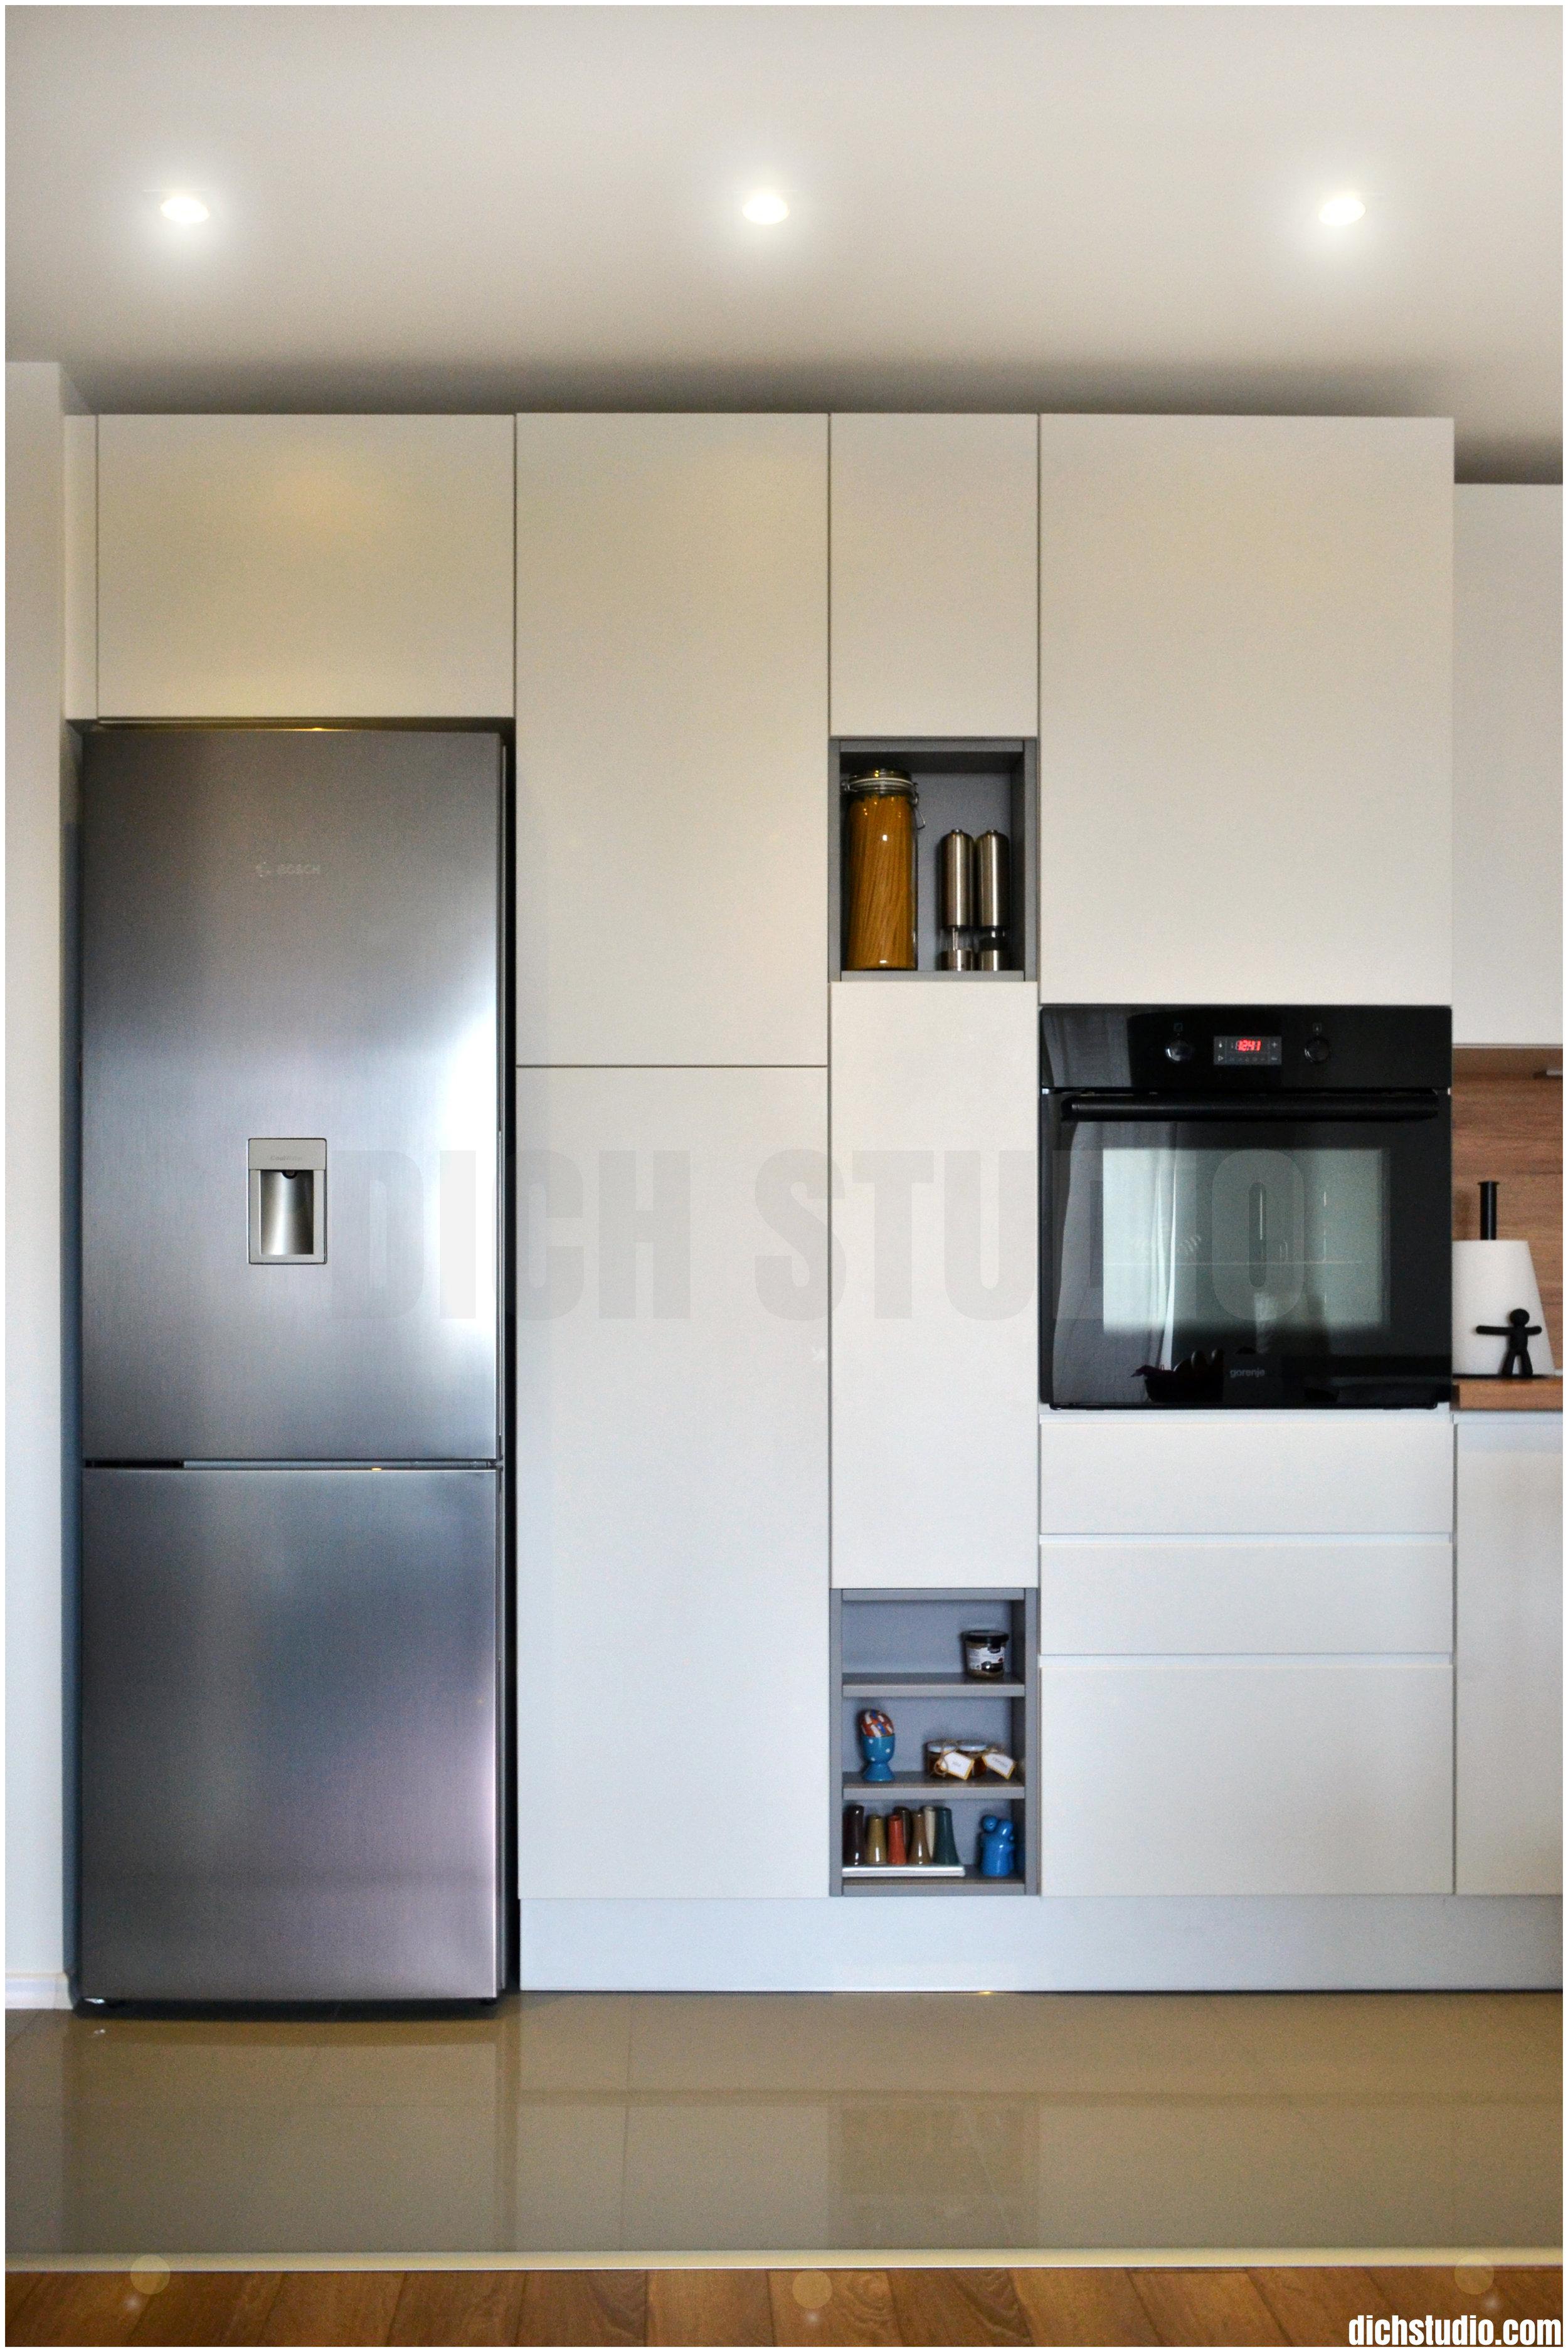 Kitchen interior design photo Vitosha Sofia